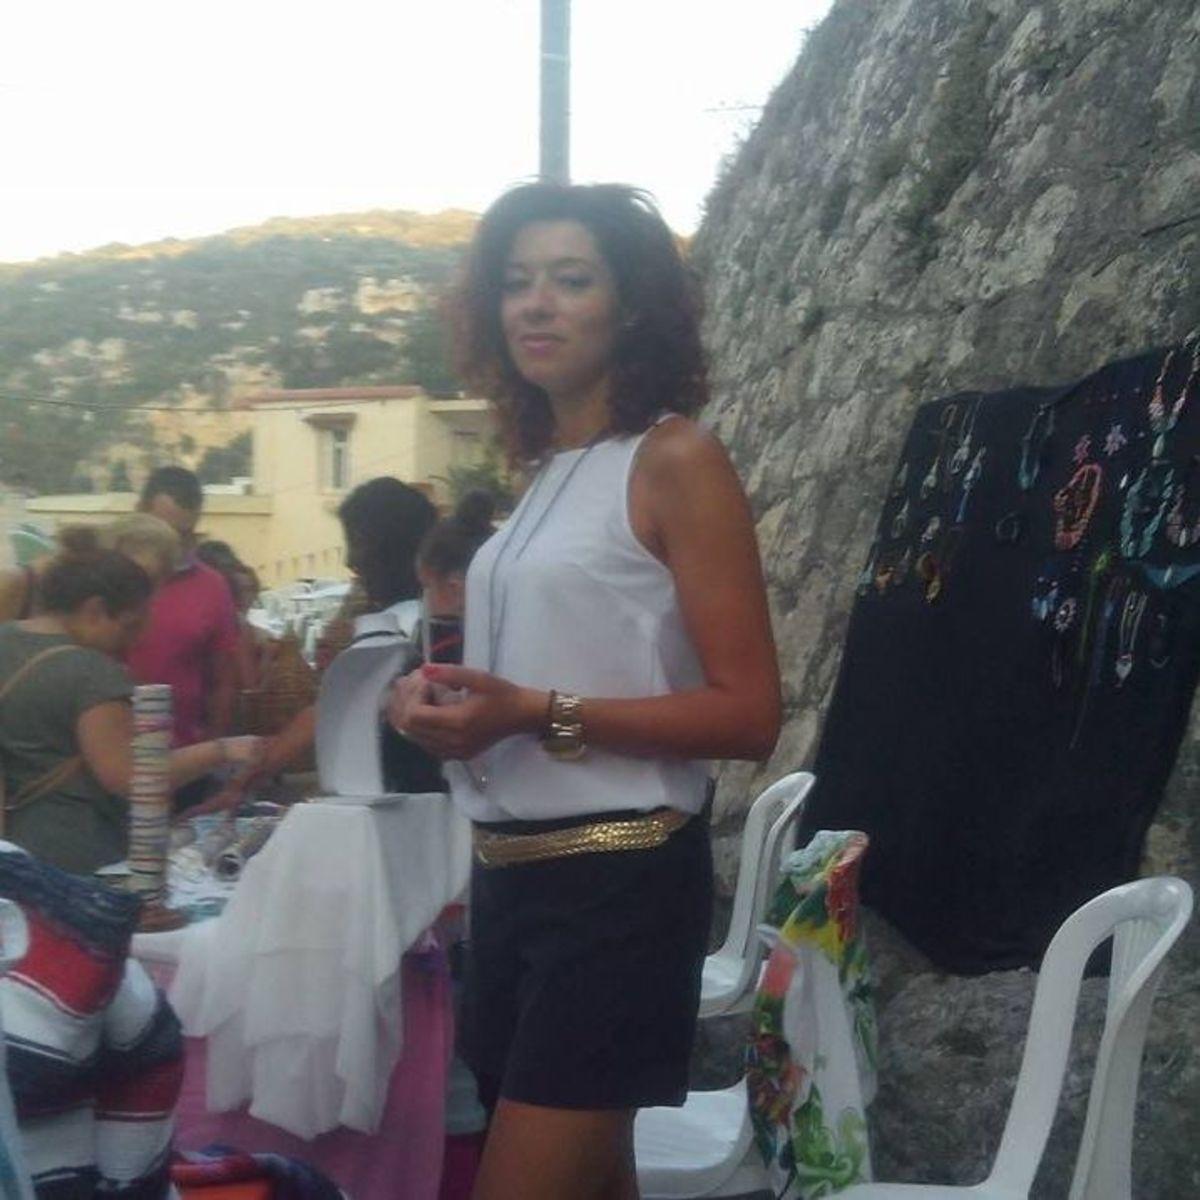 Κρήτη: Η πικρία της άτυχης Κατερίνας λίγο πριν πνιγεί | Newsit.gr